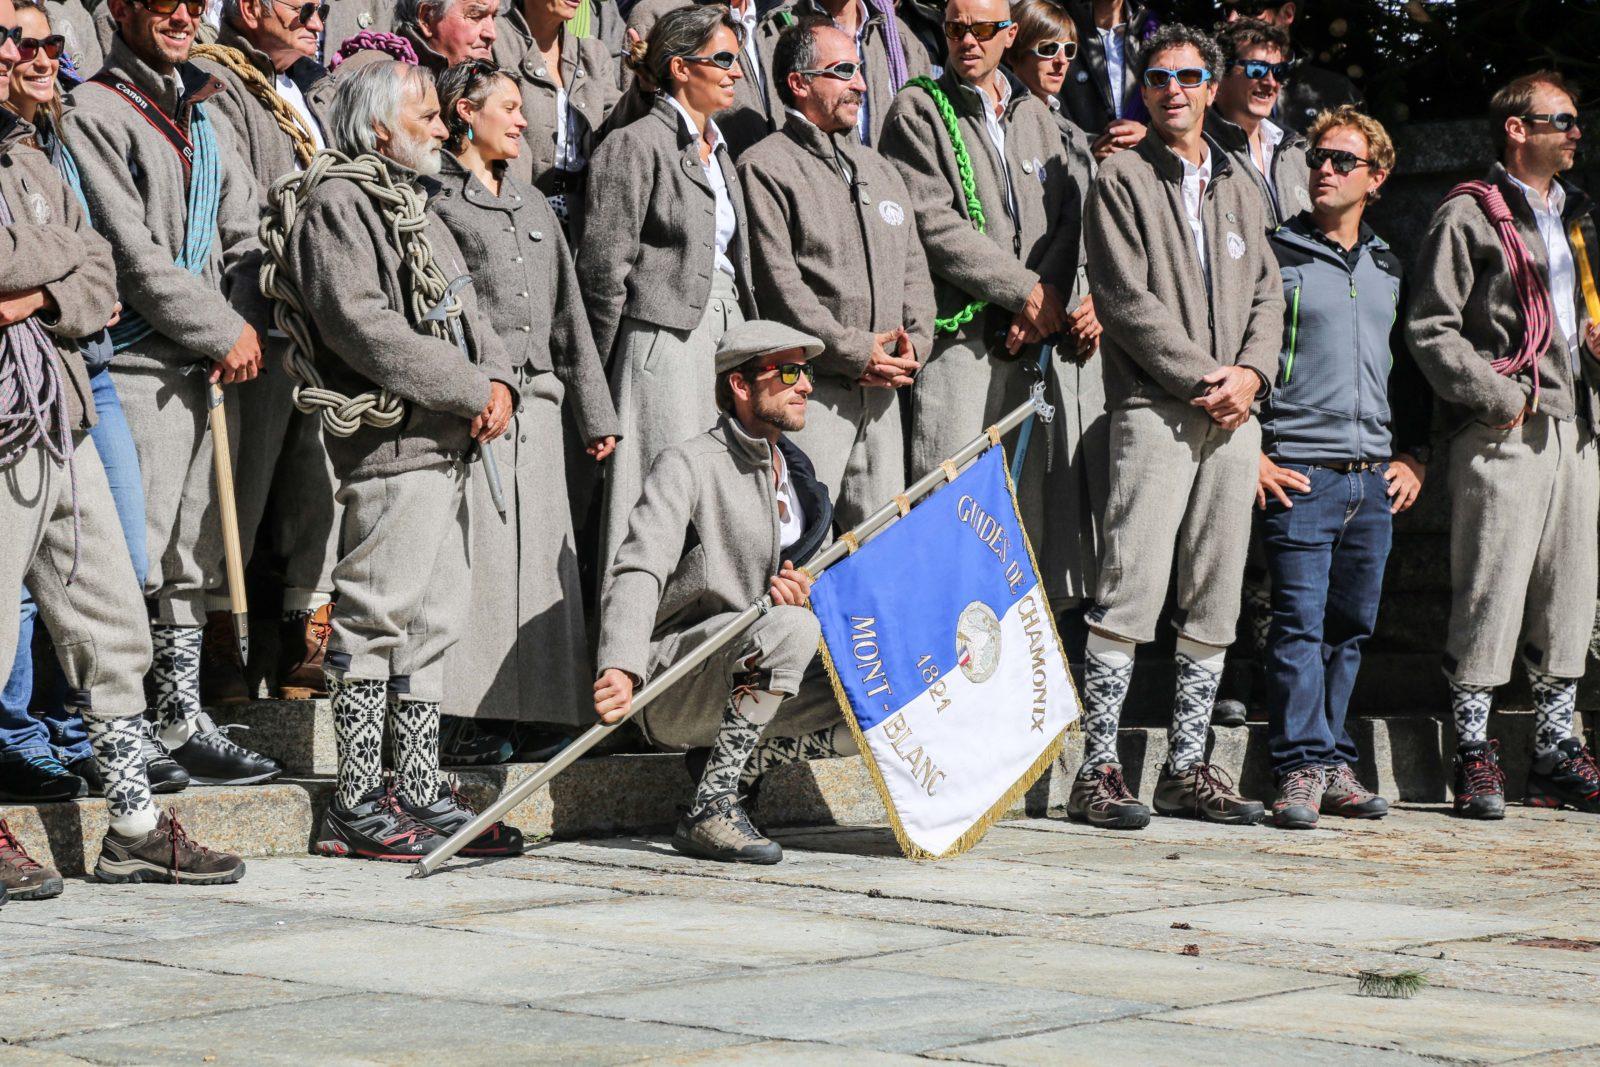 Fête des Guides à Chamonix tradition et amitié